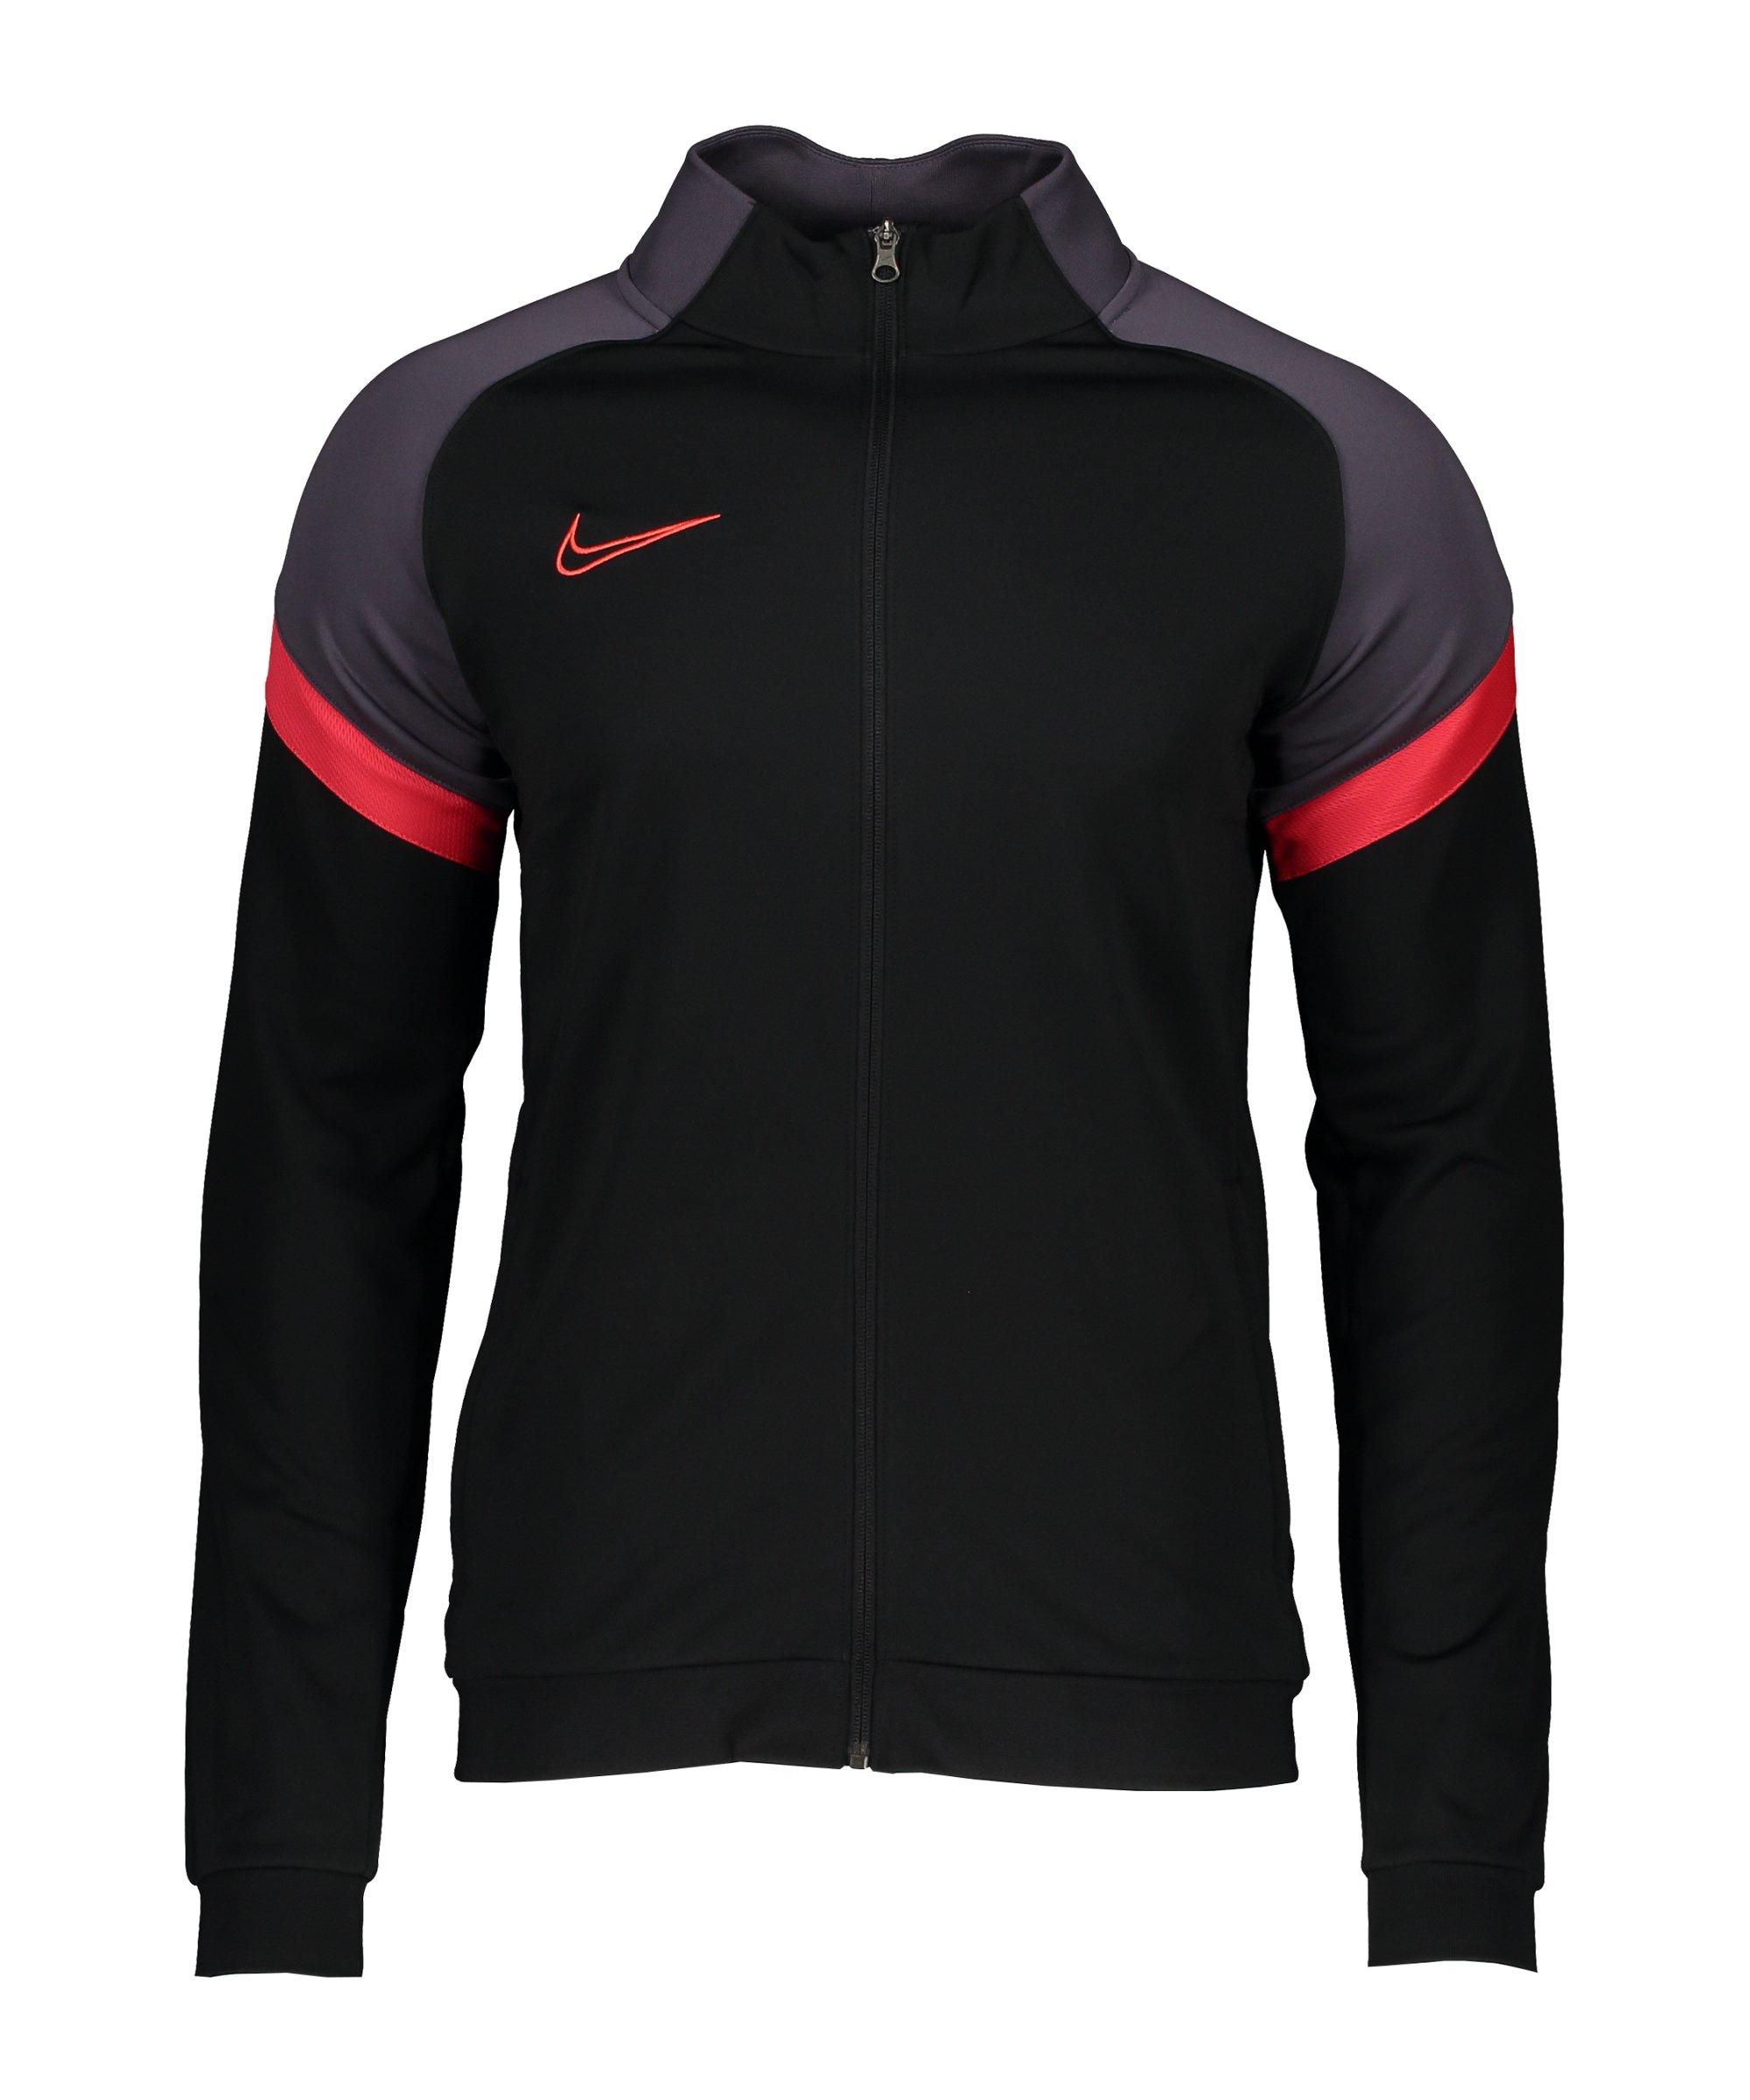 Nike Dry Academy Trainingsjacke Schwarz F014 - schwarz